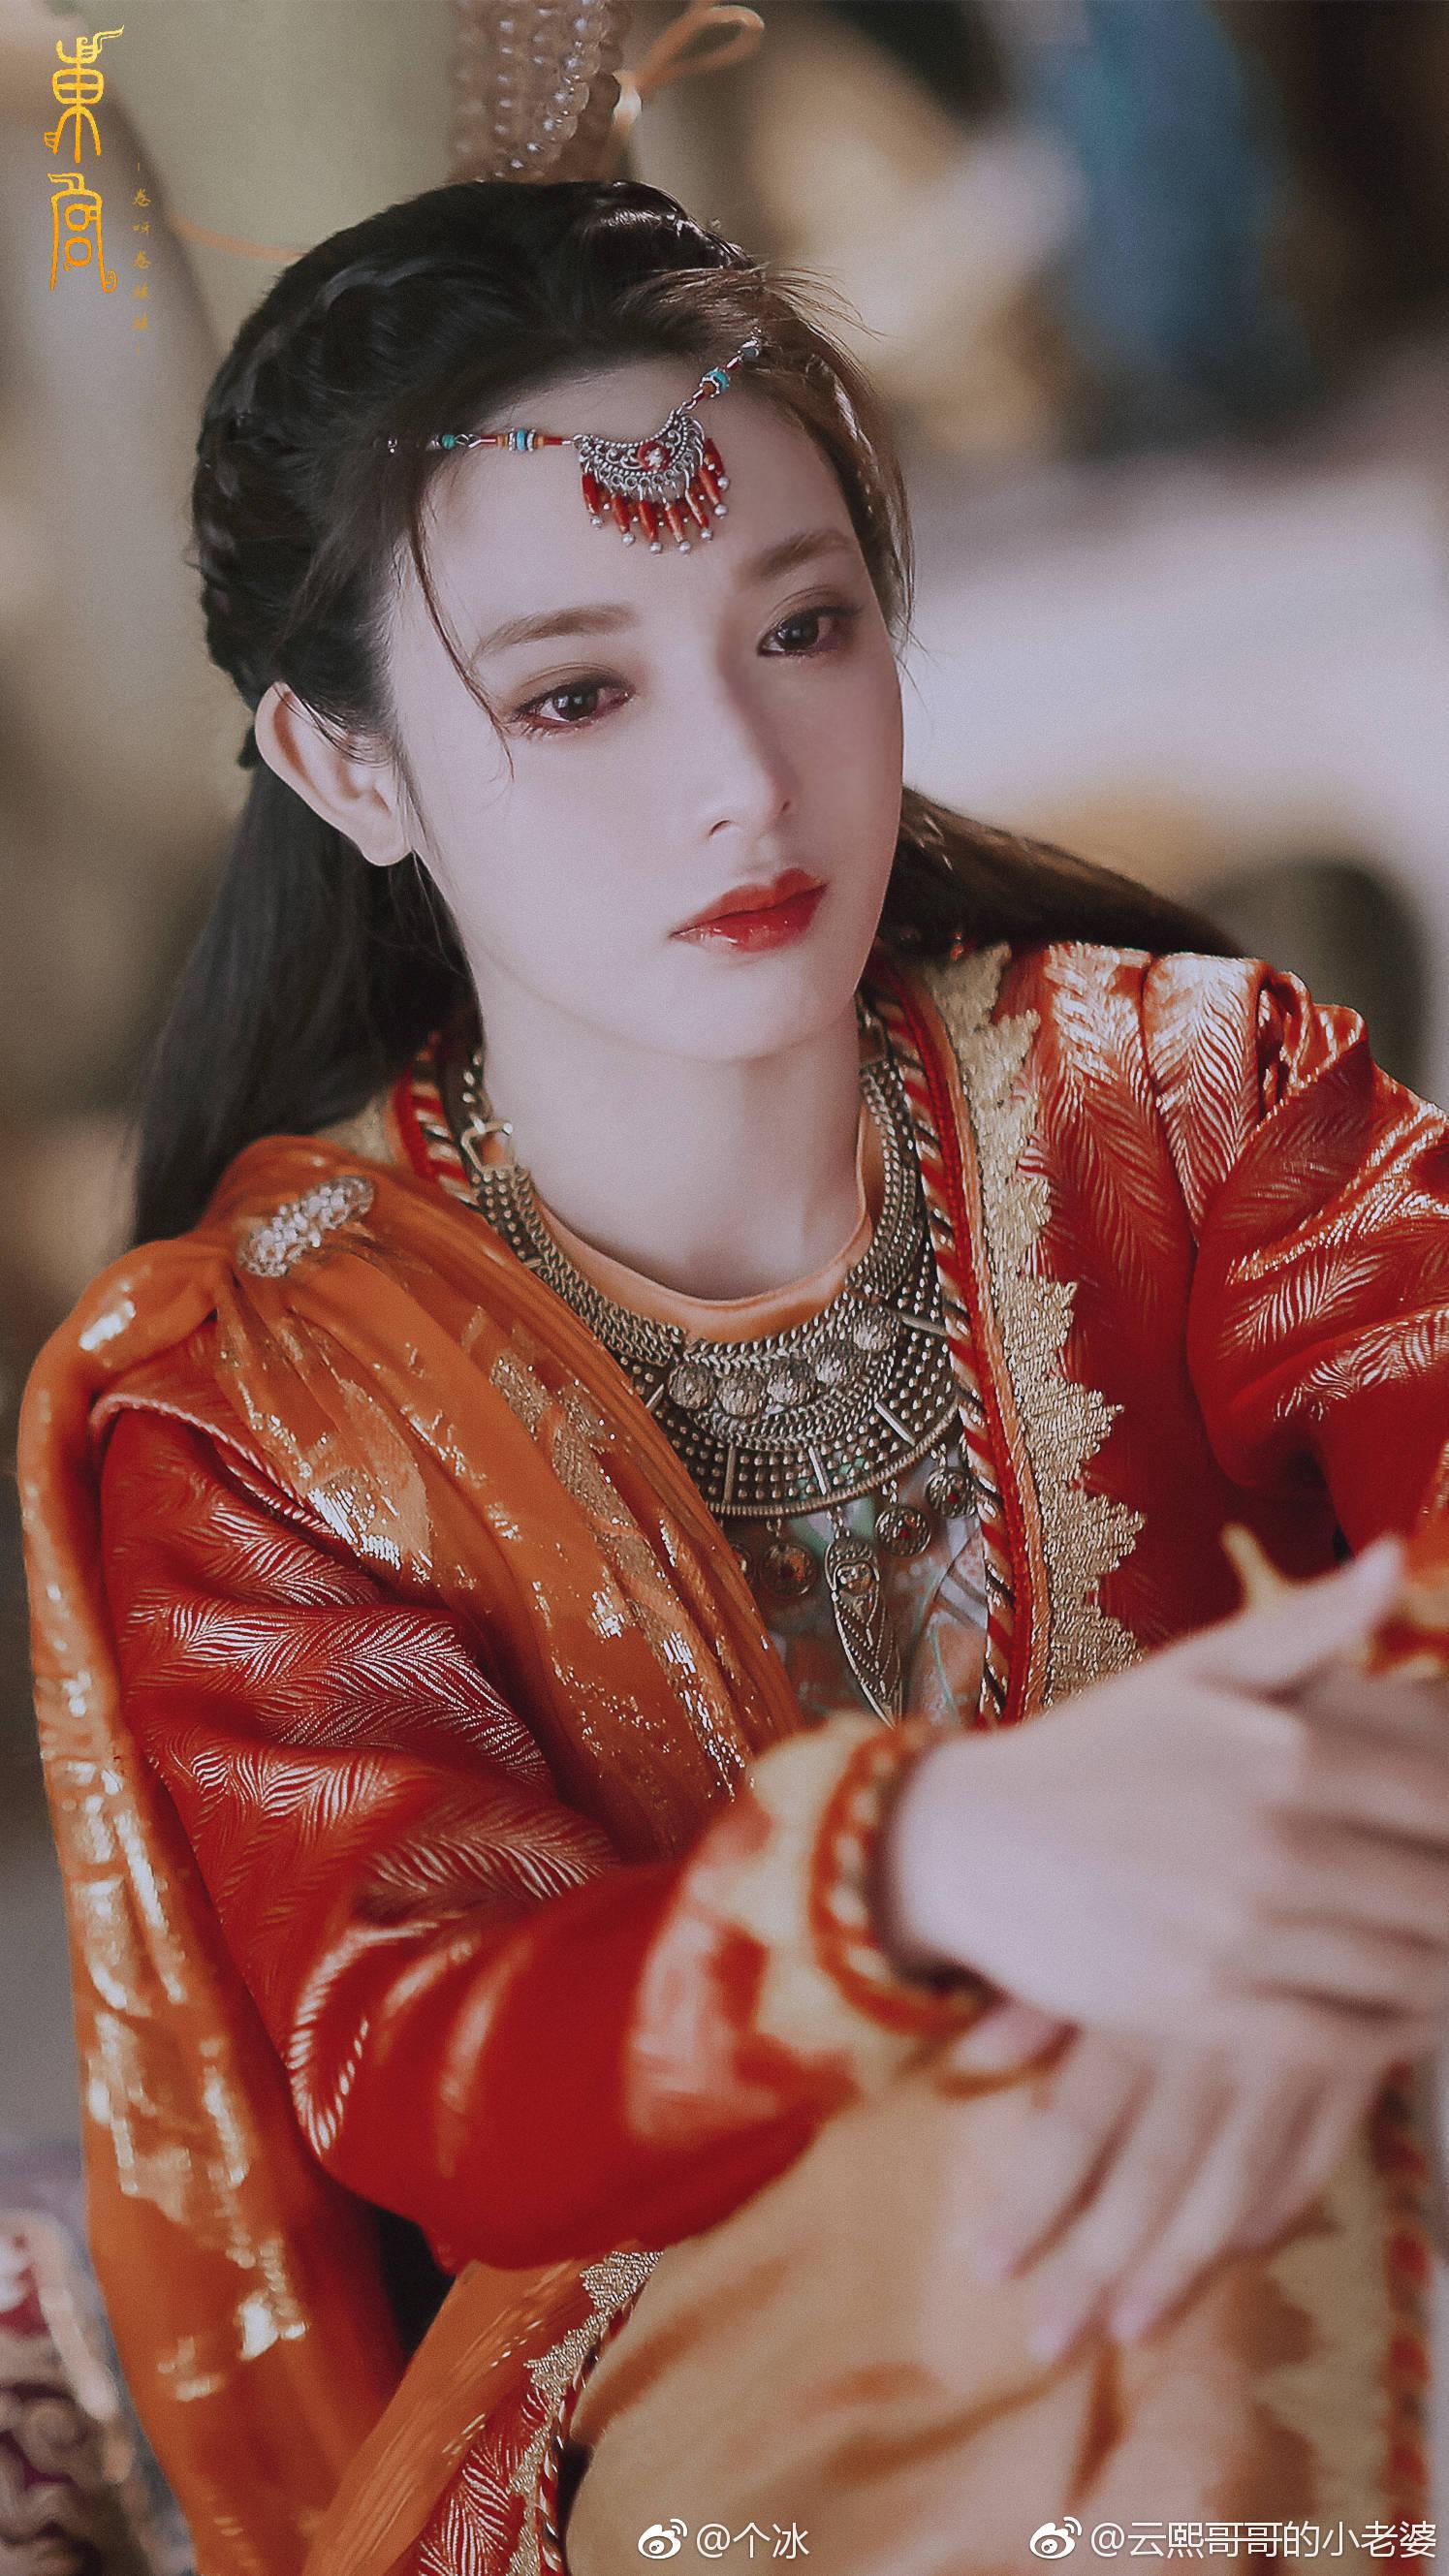 5 nàng công chúa bất hạnh nhất màn ảnh Hoa ngữ: Người mất một cánh tay, người chịu tủi nhục vì bị cưỡng bức - Ảnh 7.